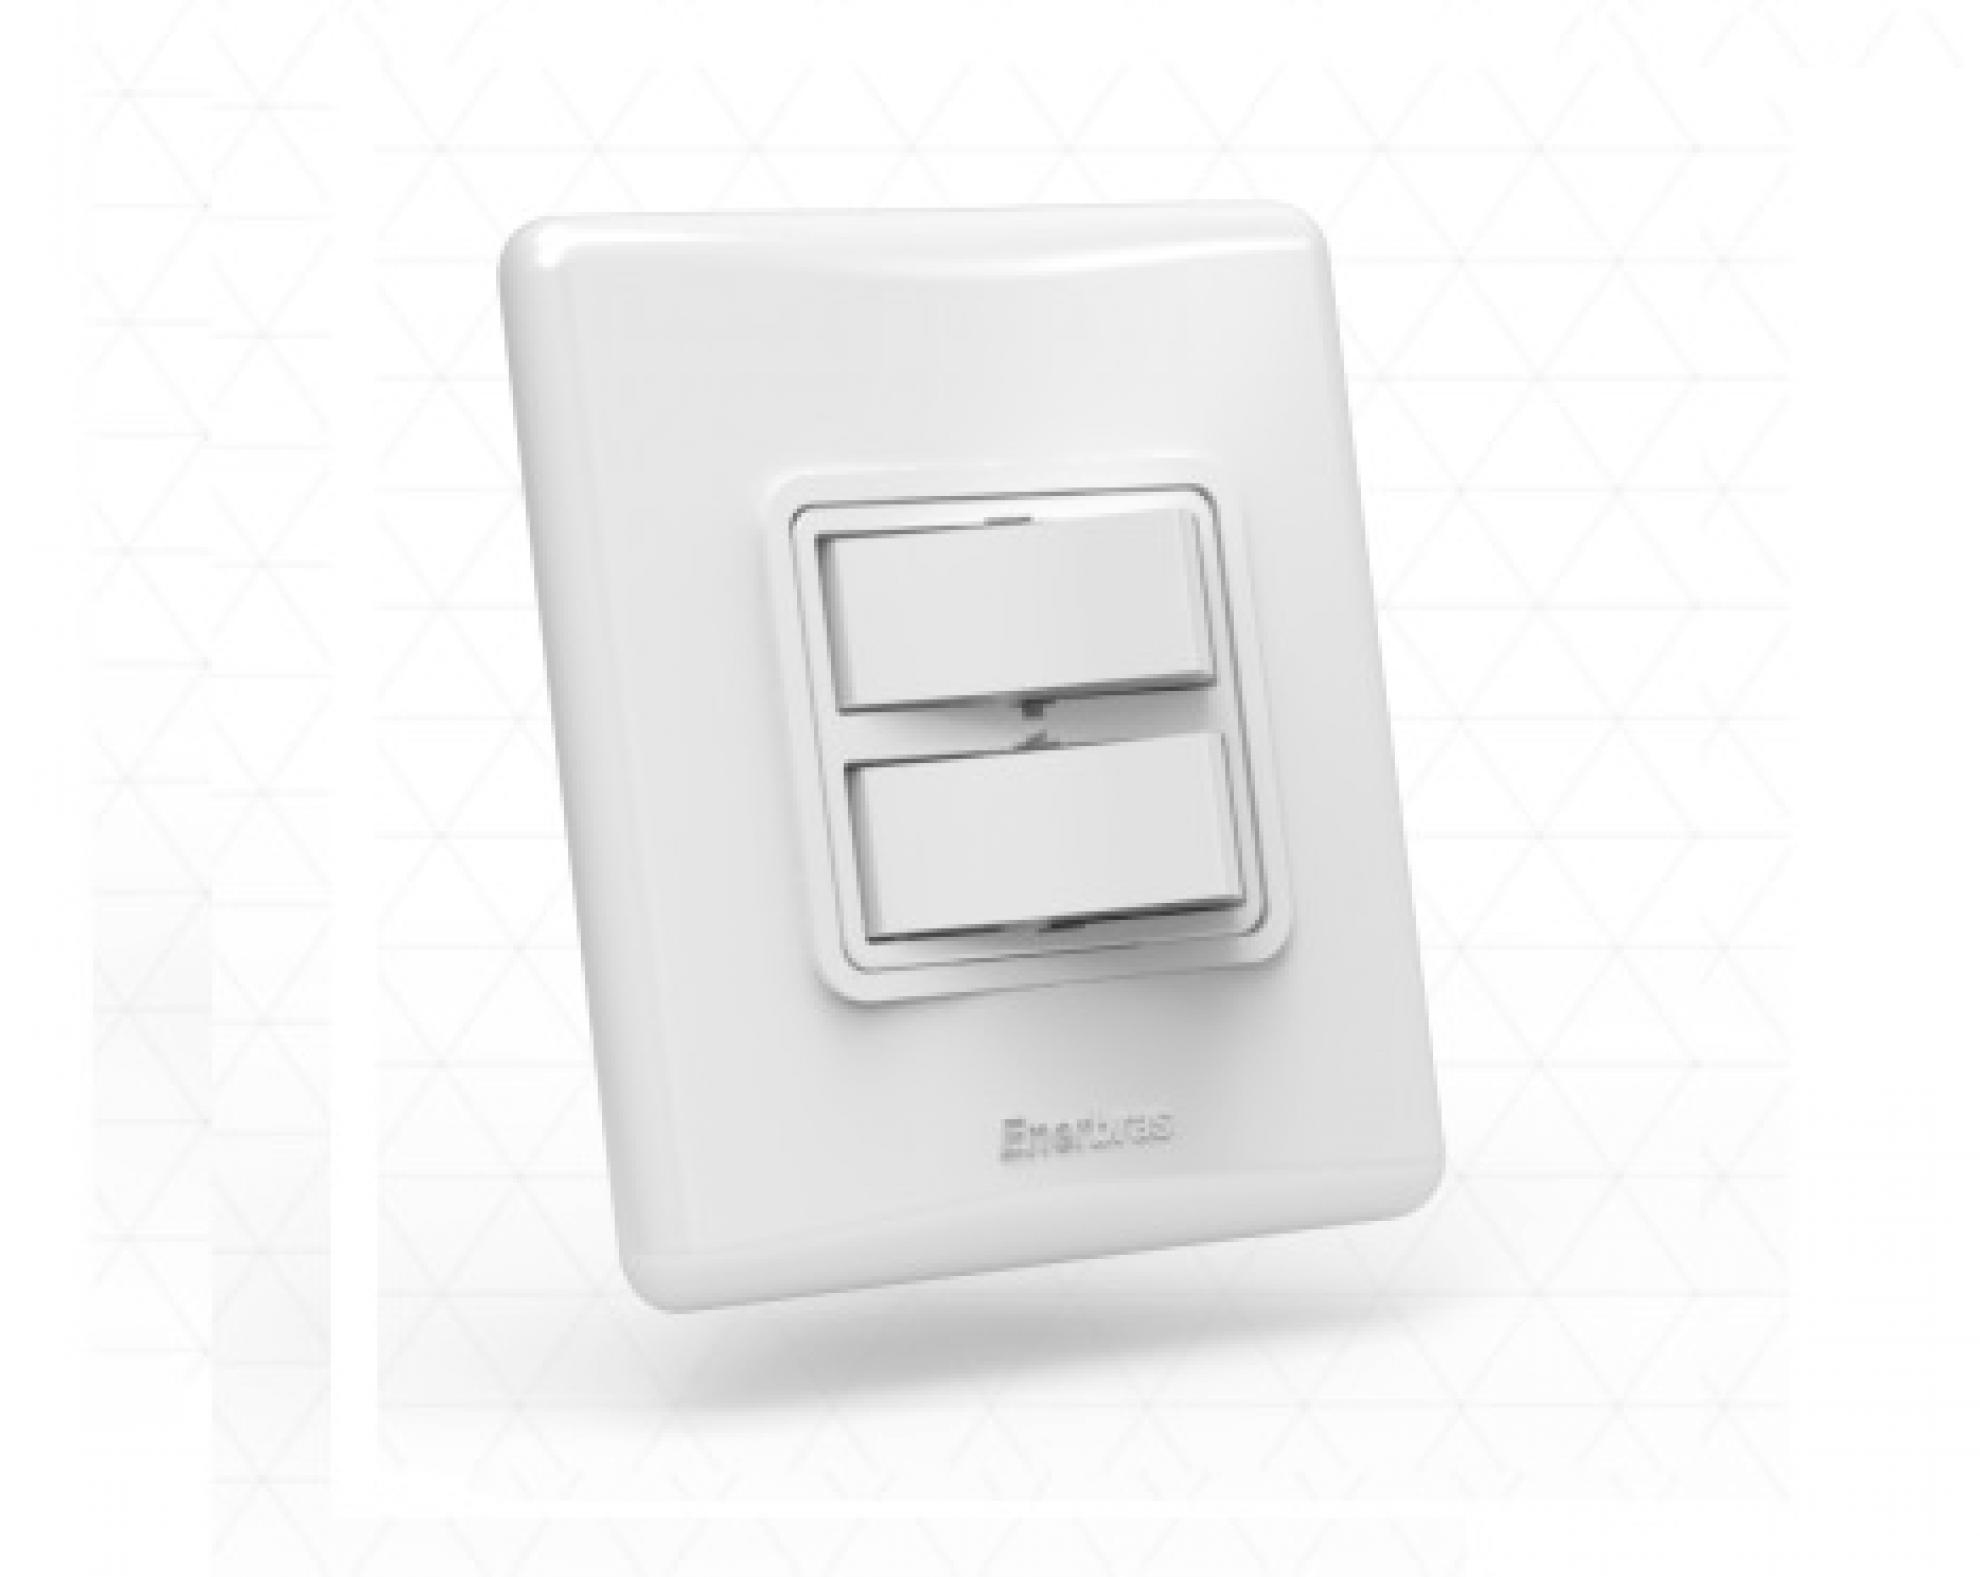 Interruptor com 2 teclas -  Simples branco